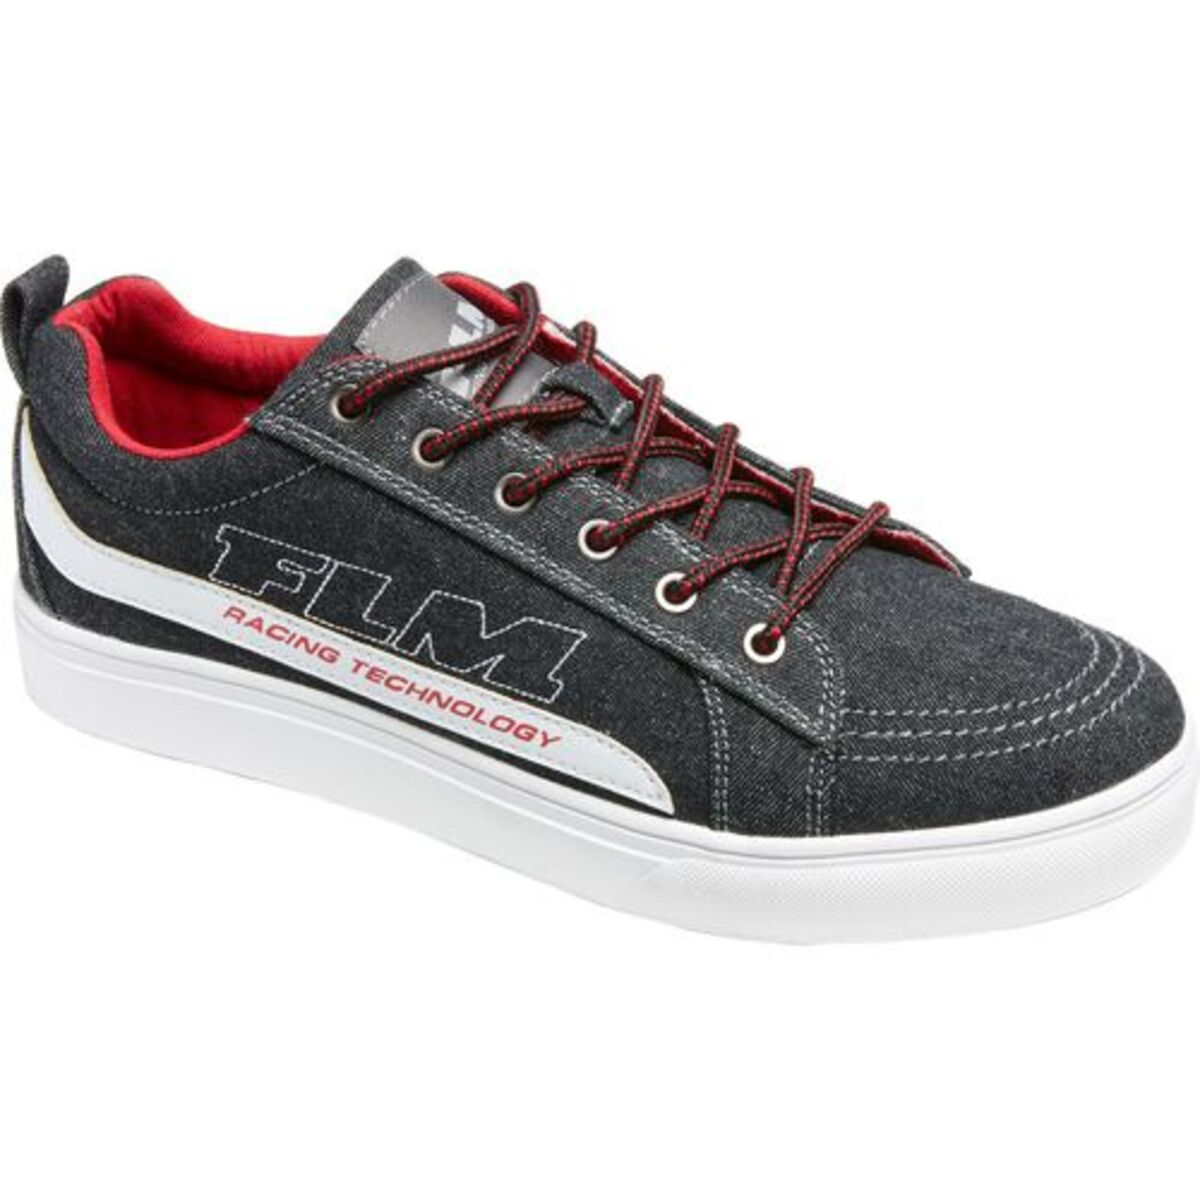 Bild 2 von FLM            Canvas Sneaker 2.0 schwarz